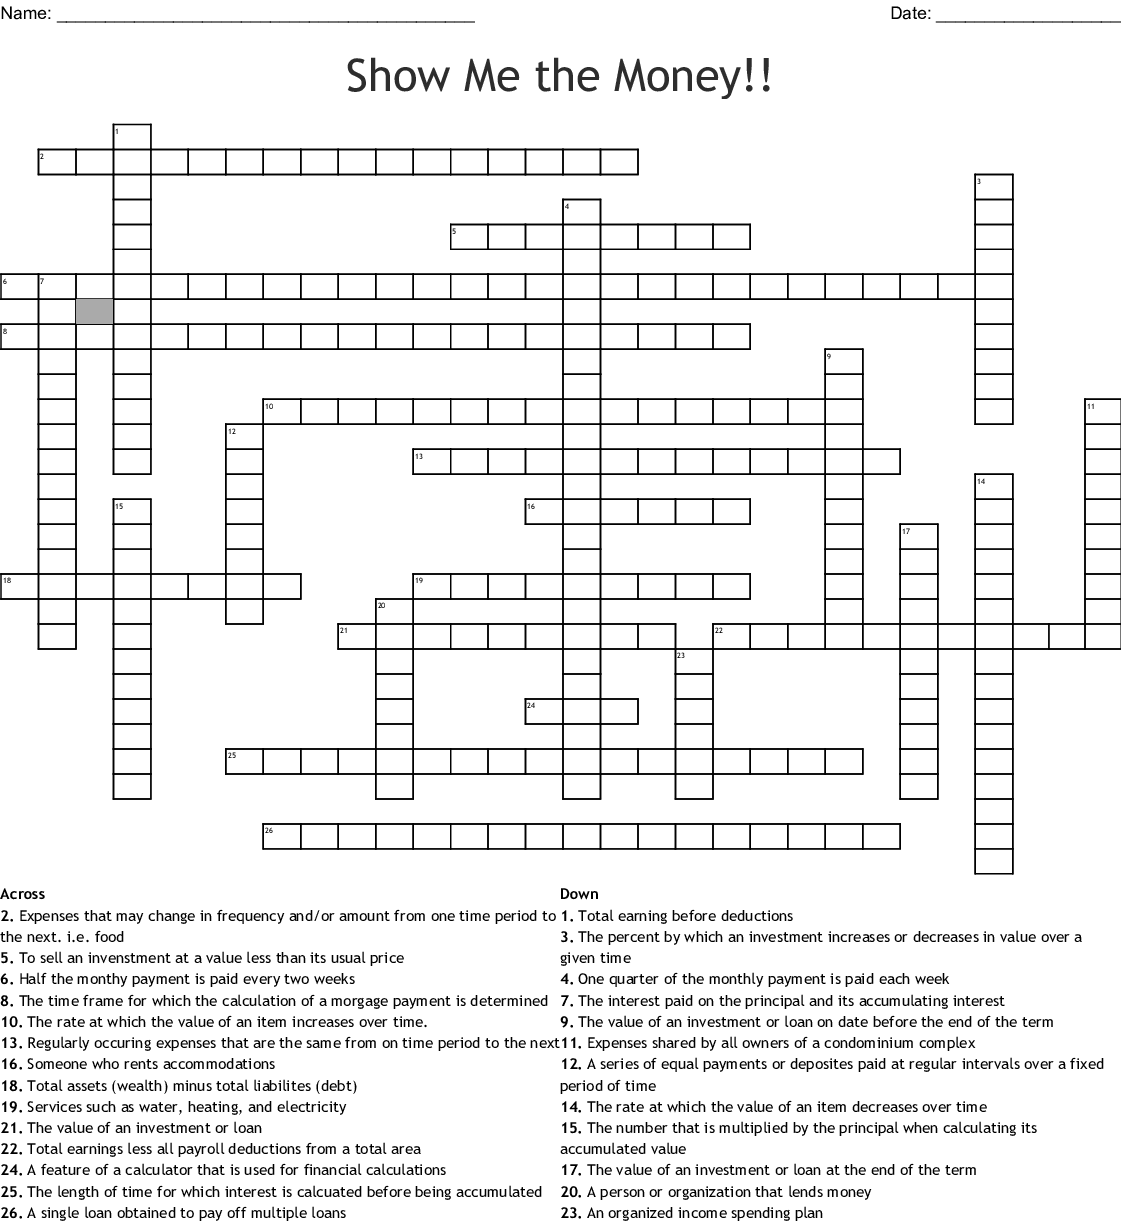 Show Me The Money Crossword Wordmint